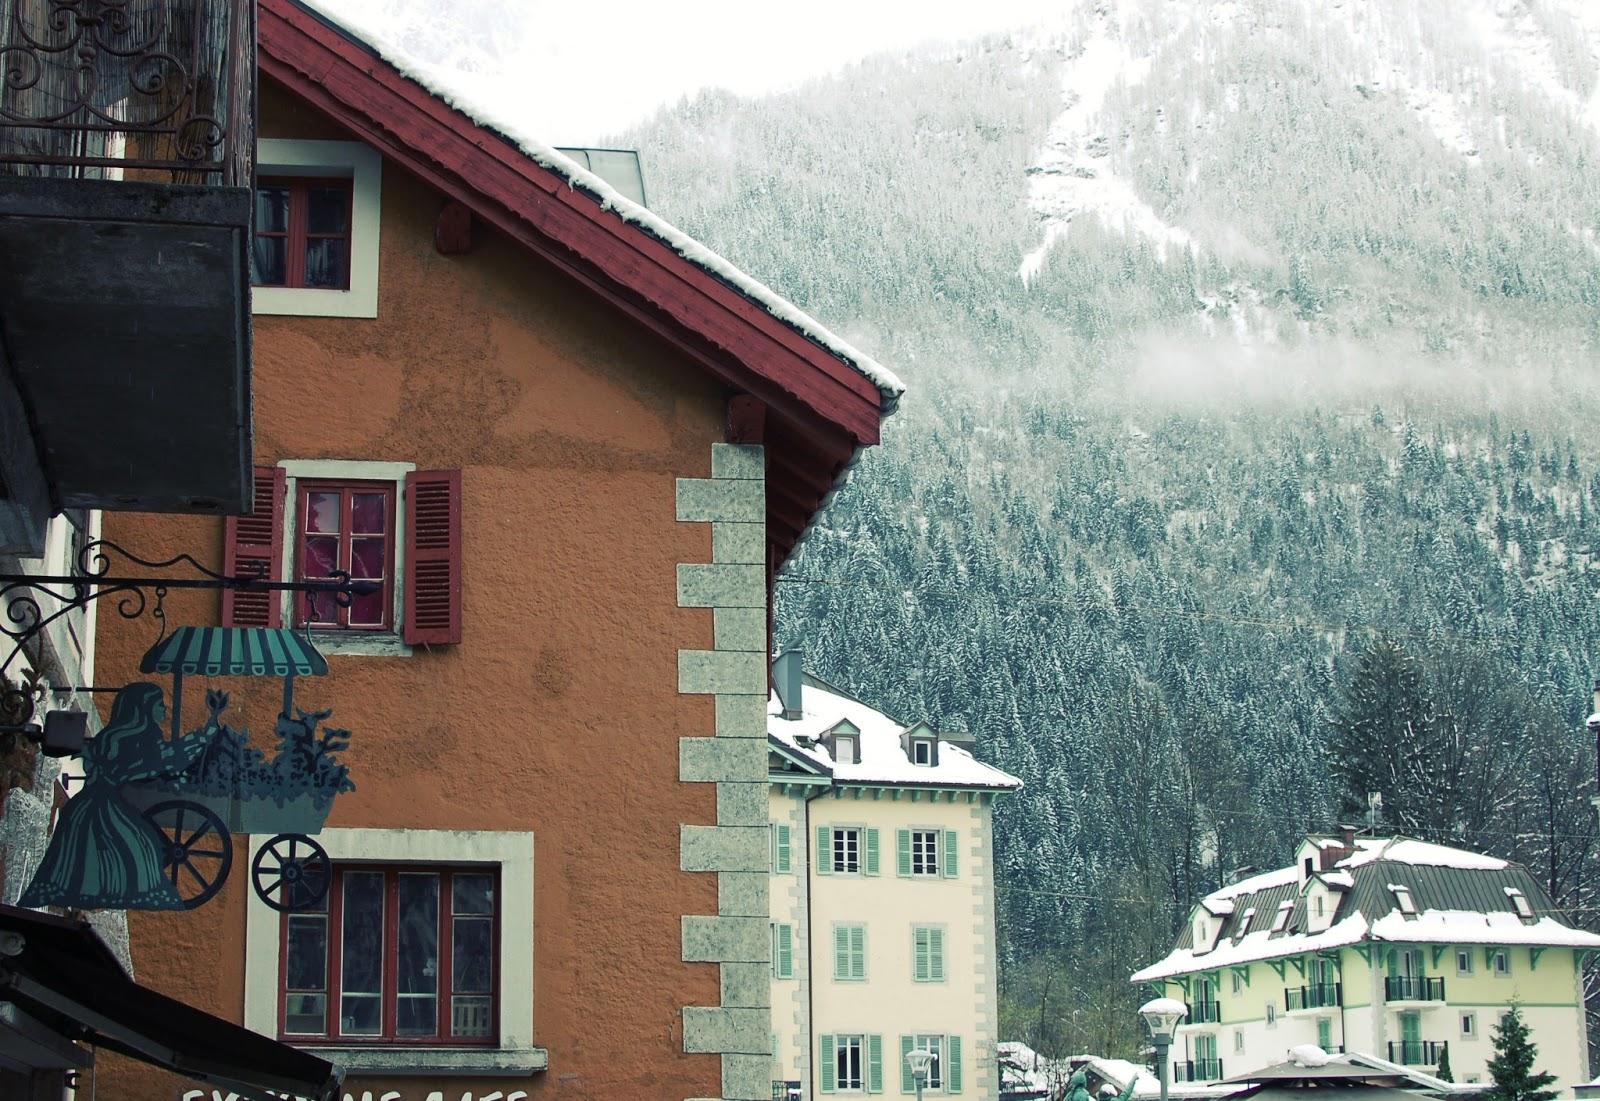 chamonix-nature-hiver-centre-ville-neige-alpes-mont-blanc-haute-savoie